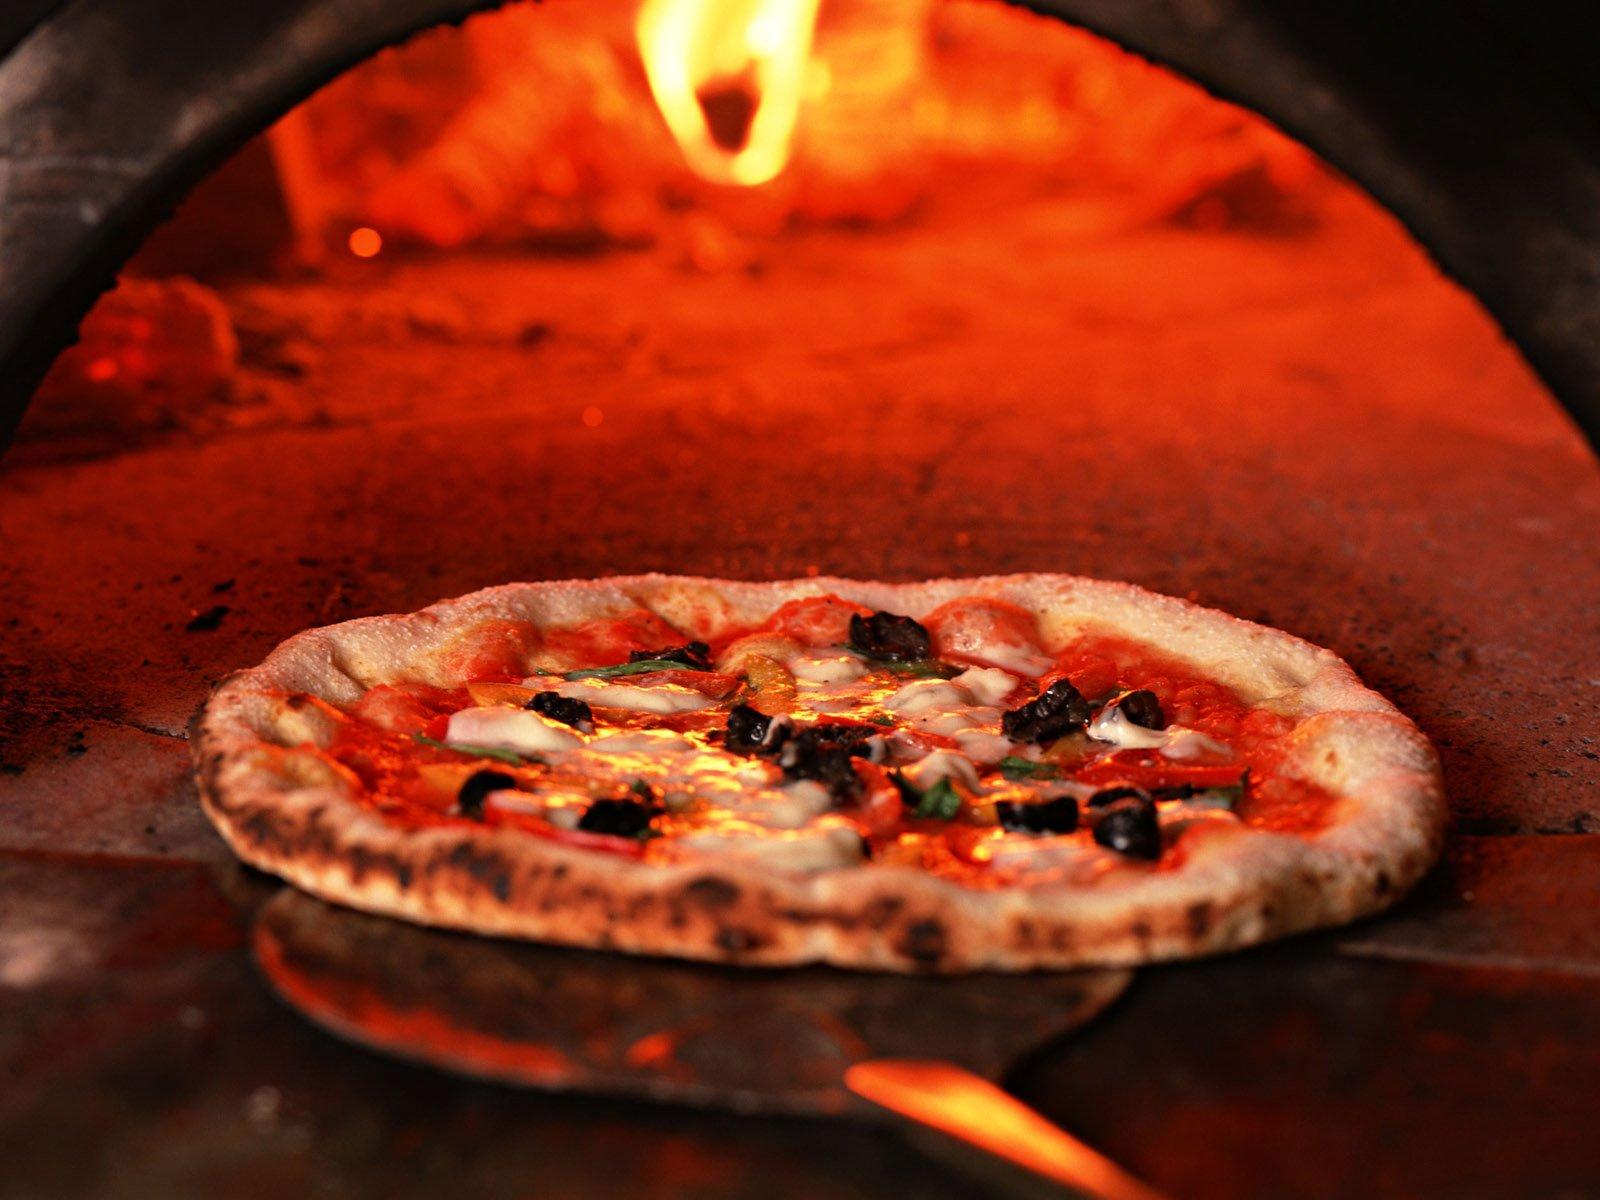 Cách làm bánh pizza đơn giản mà hẫp dẫn hơn ngoài tiệm 6